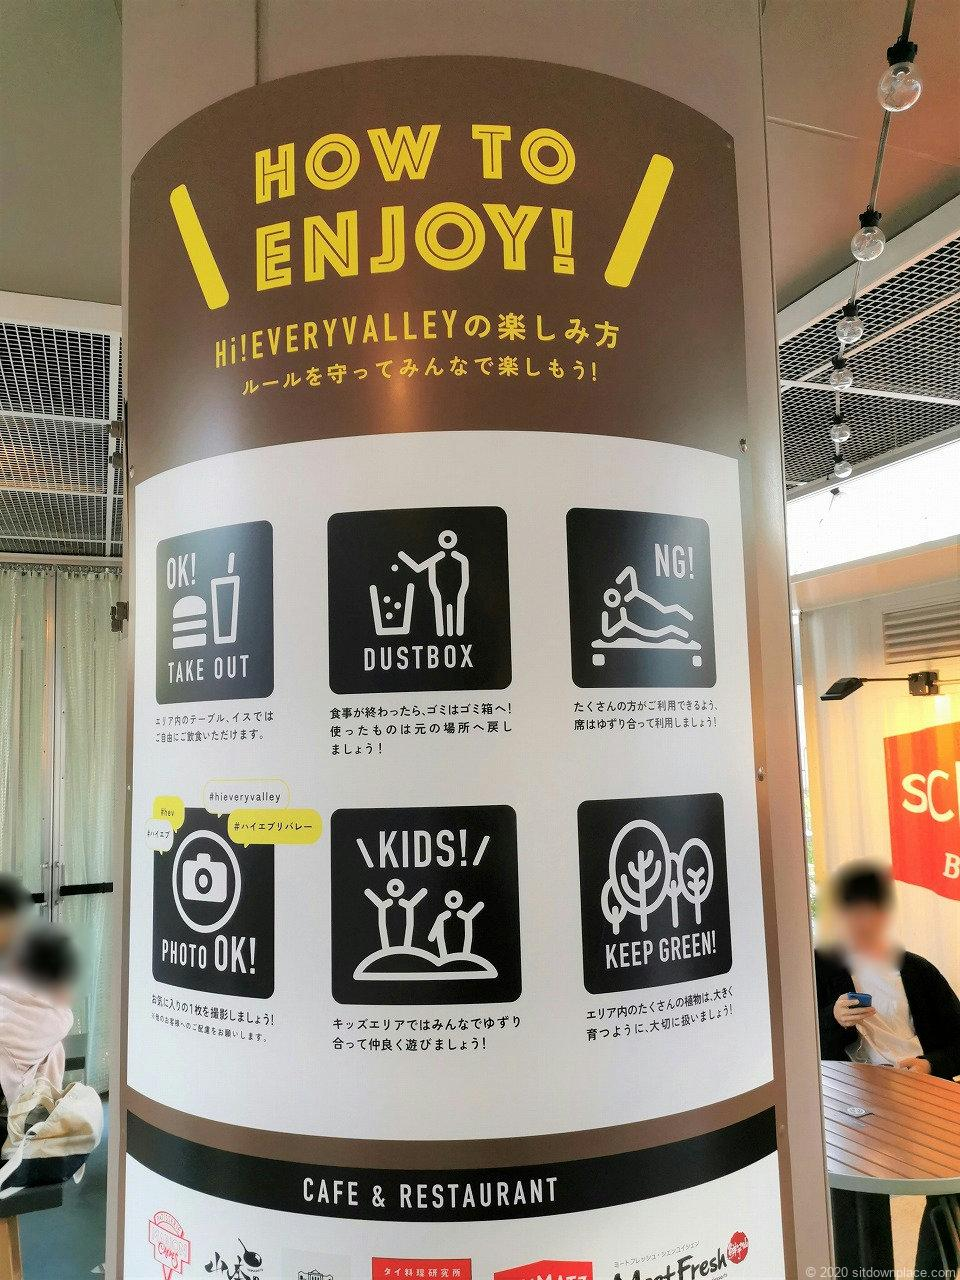 水道橋駅 東京ドームシティ HI!EVERY VALLEYの案内板